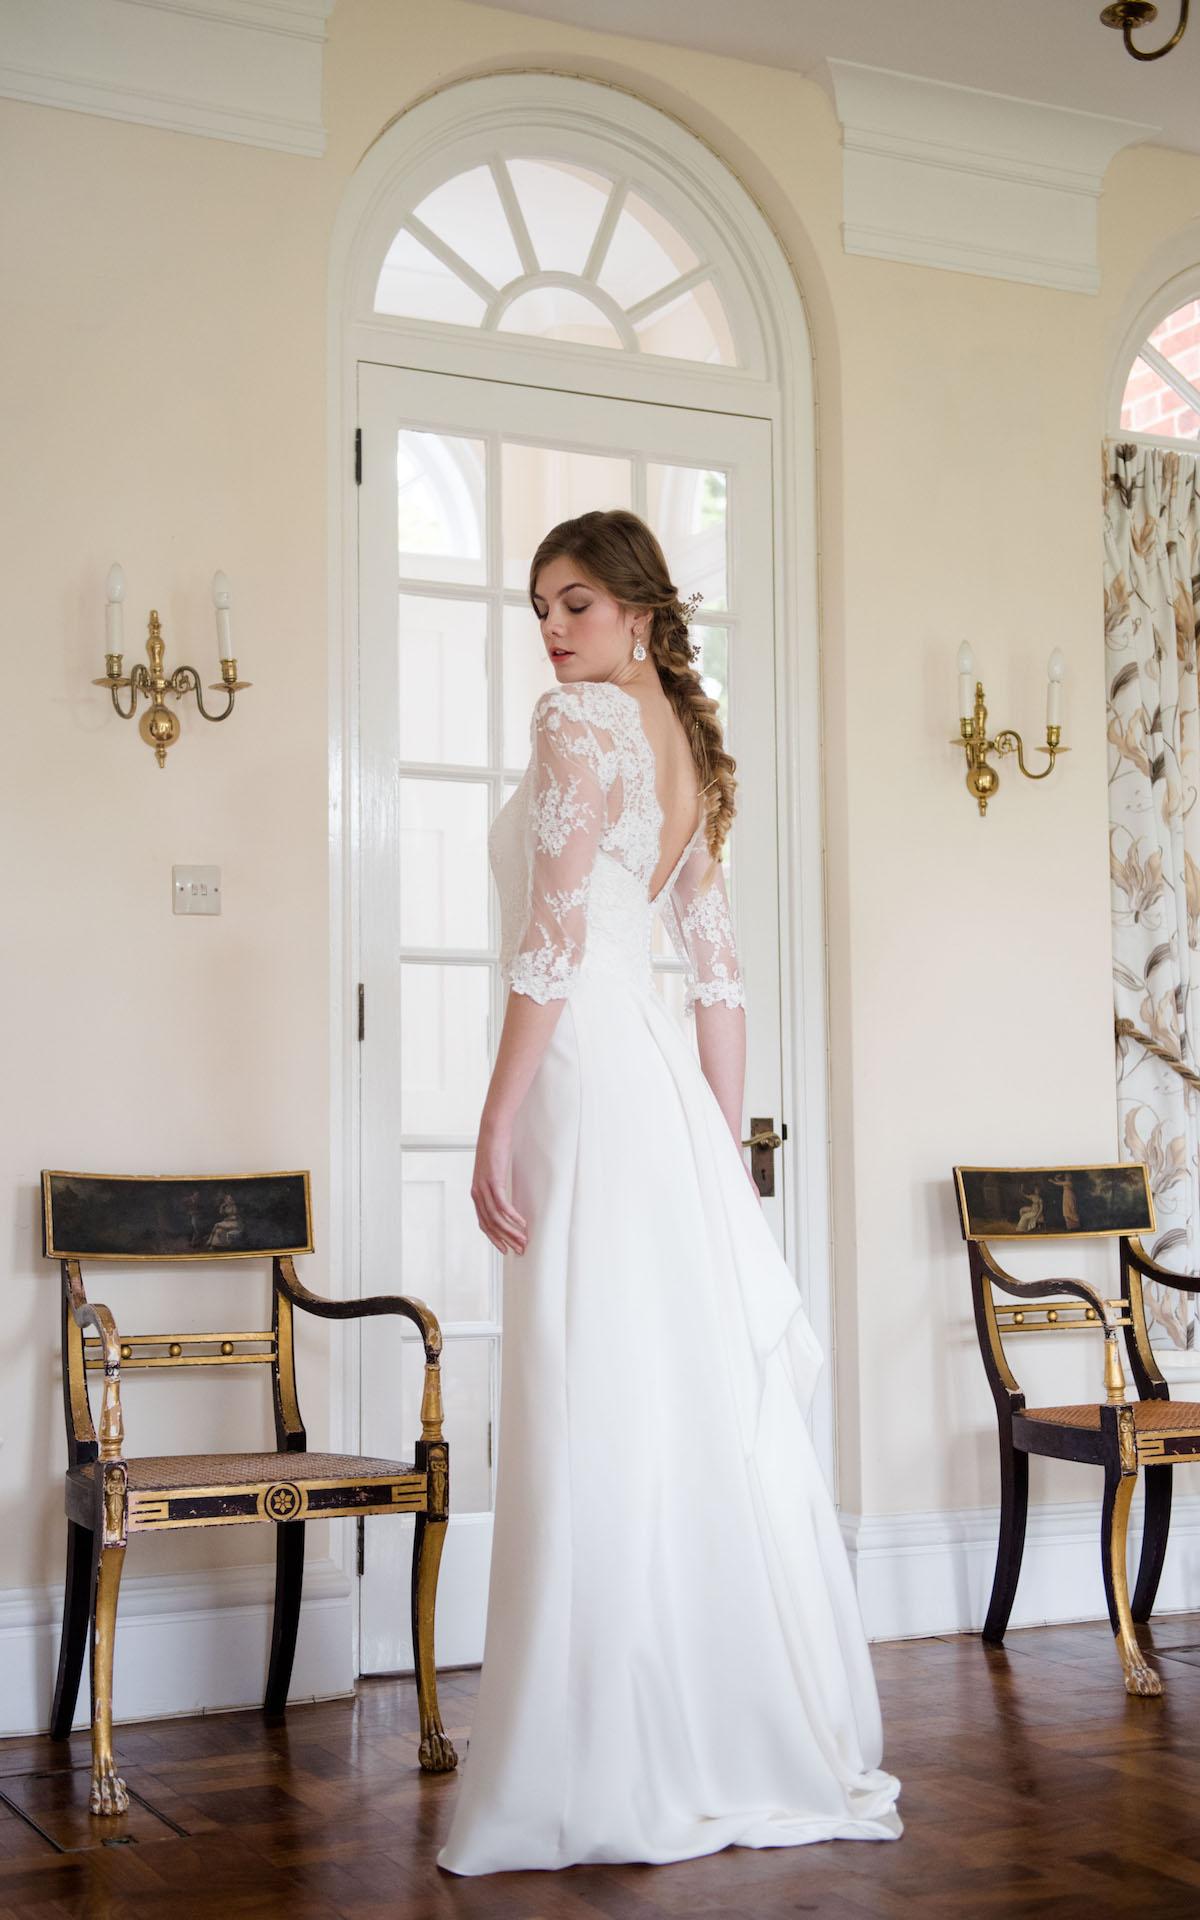 CLASSIC ELEGANT BRIDE NORFOLK